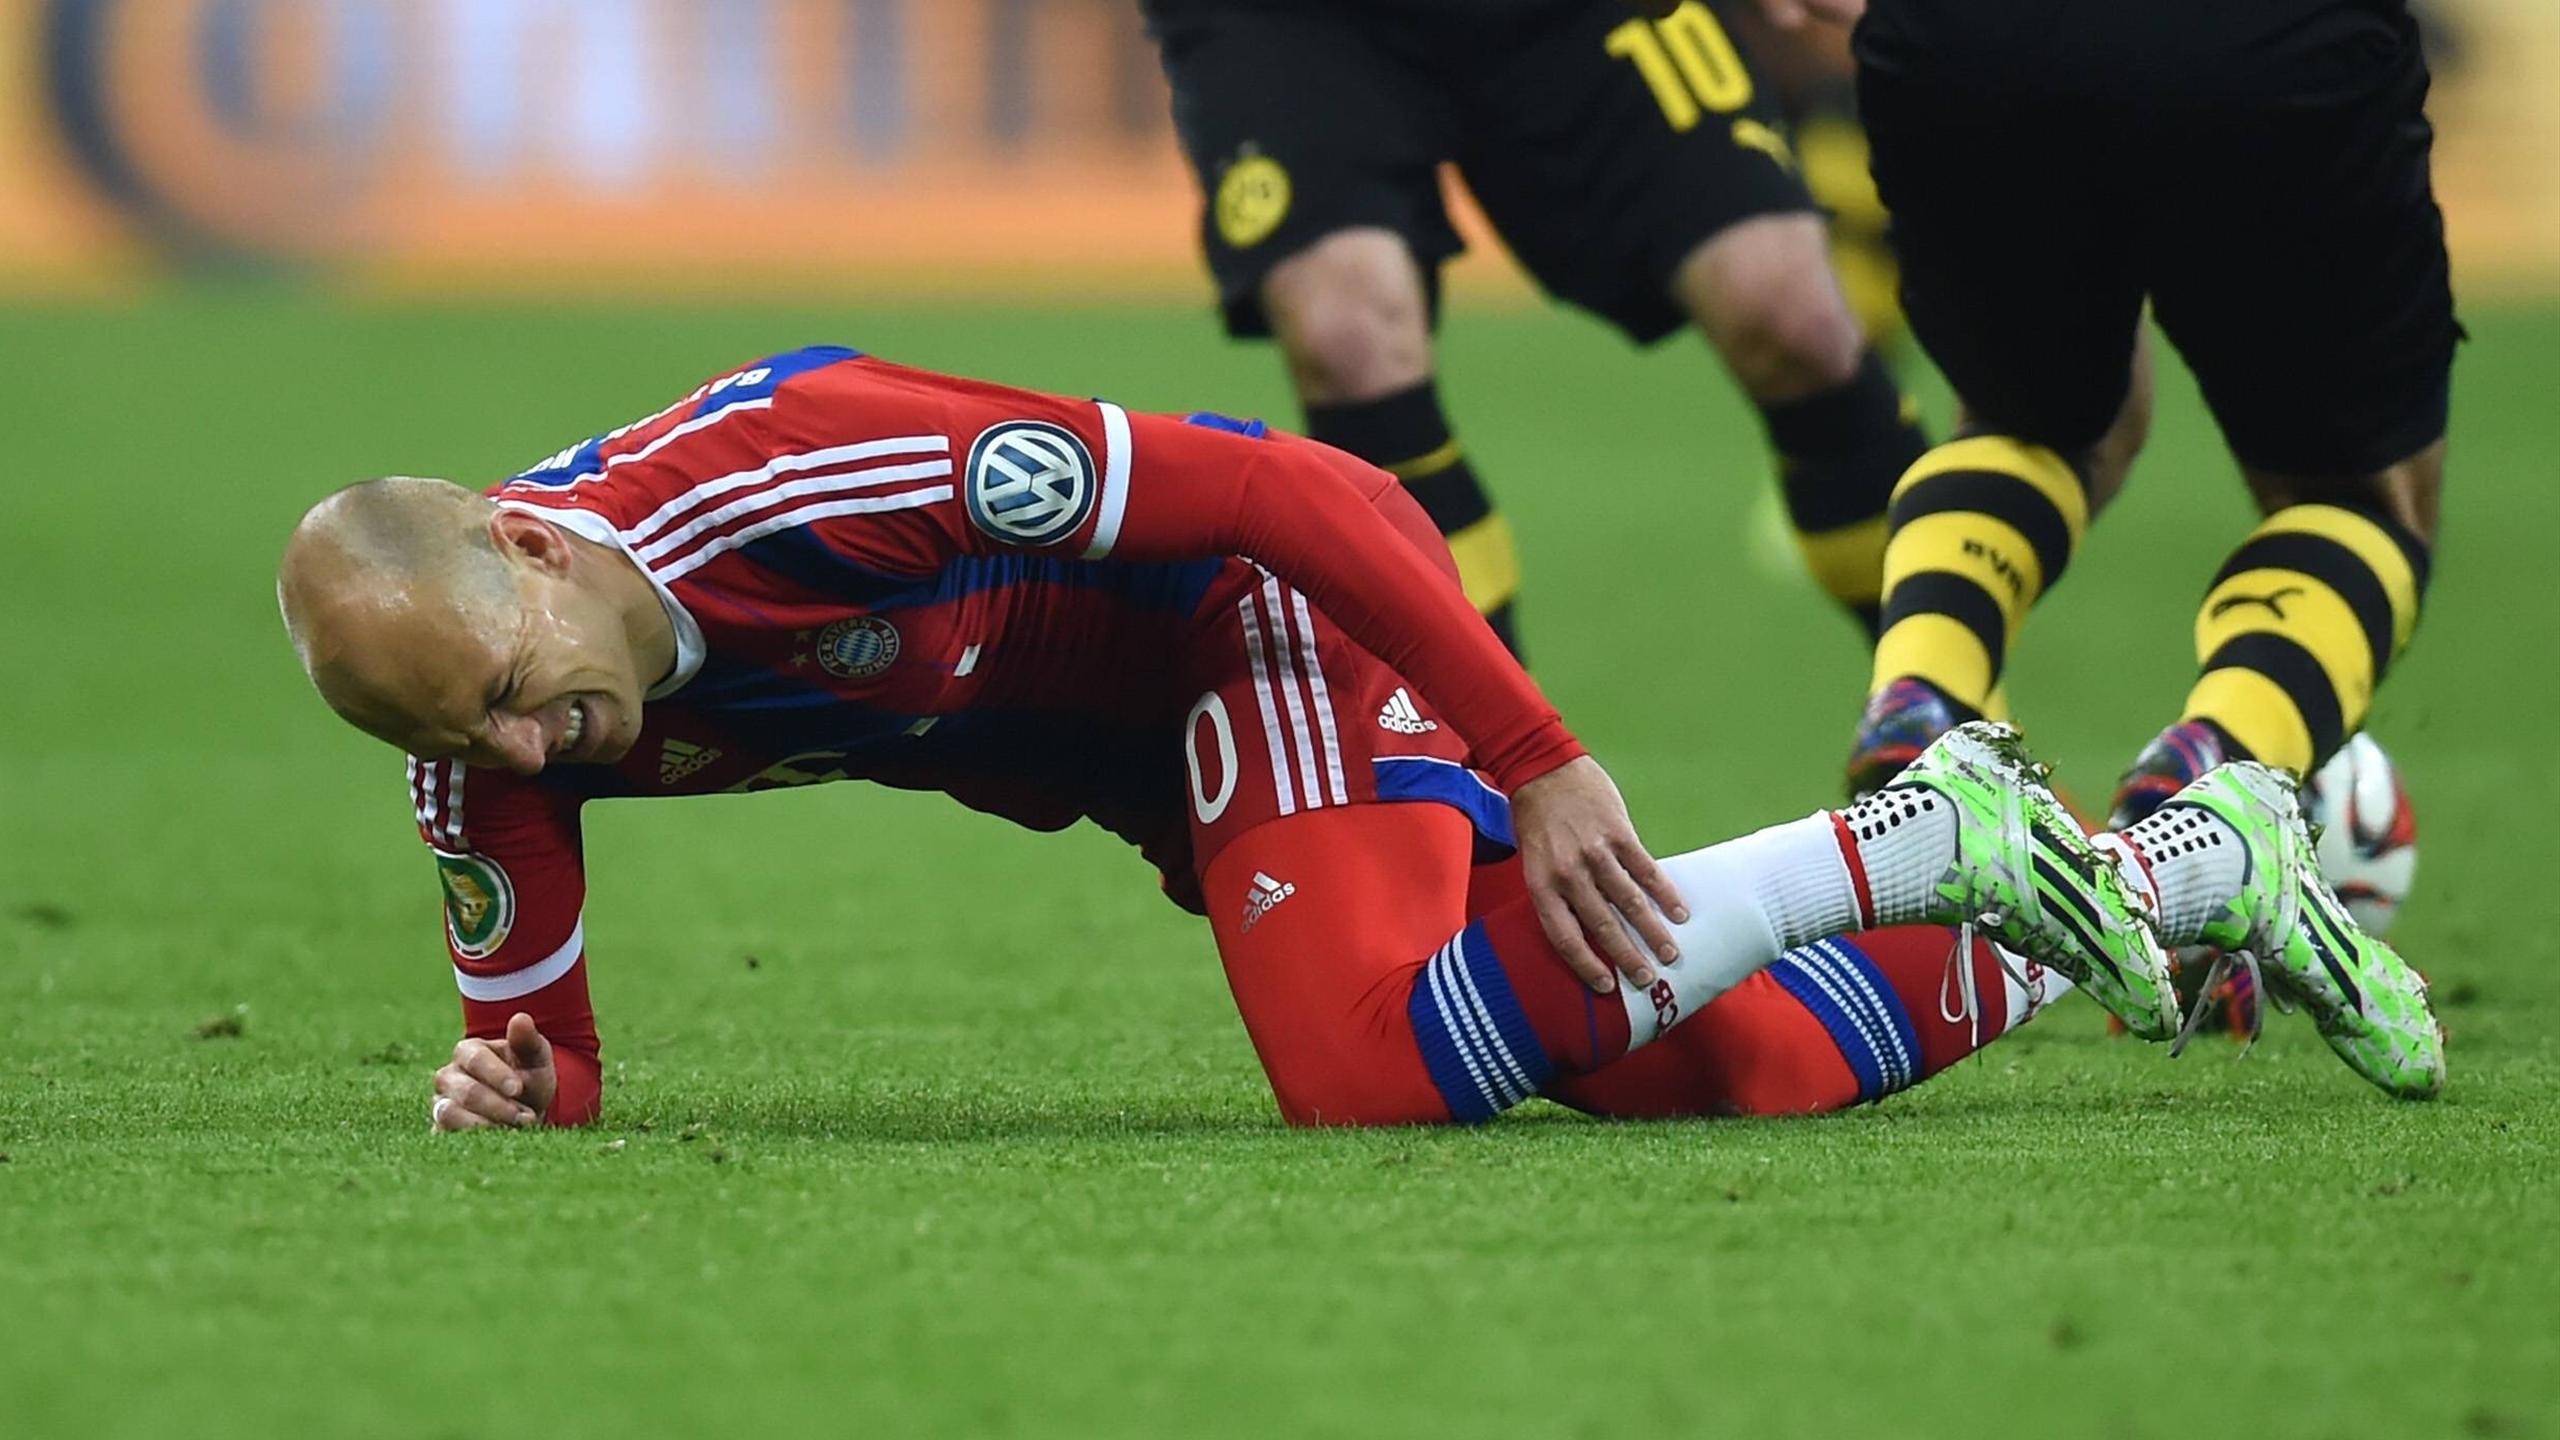 Blessé face à Dortmund, Robben ne jouera plus cette saison avec le Bayern